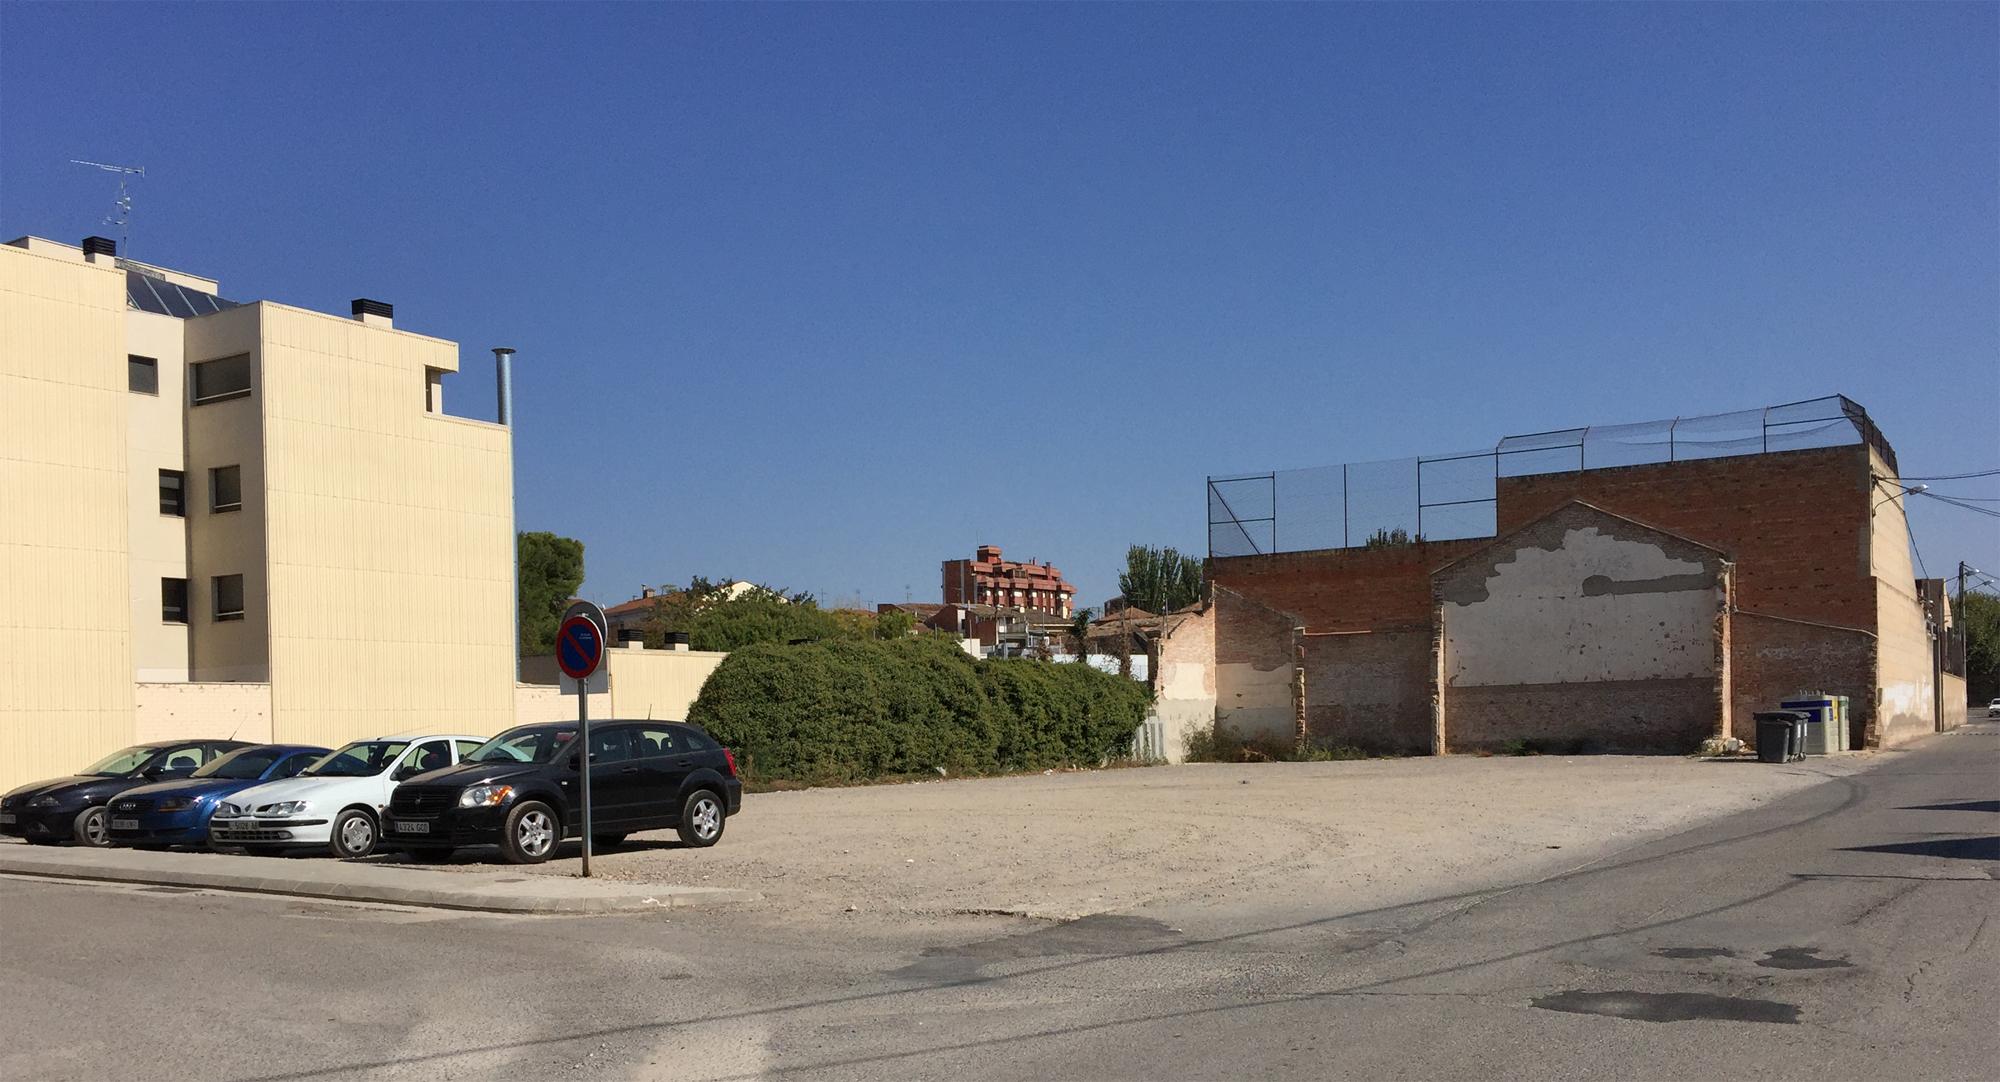 Les Borges aprova l'acta de recepció del projecte del futur teatre municipal polivalent